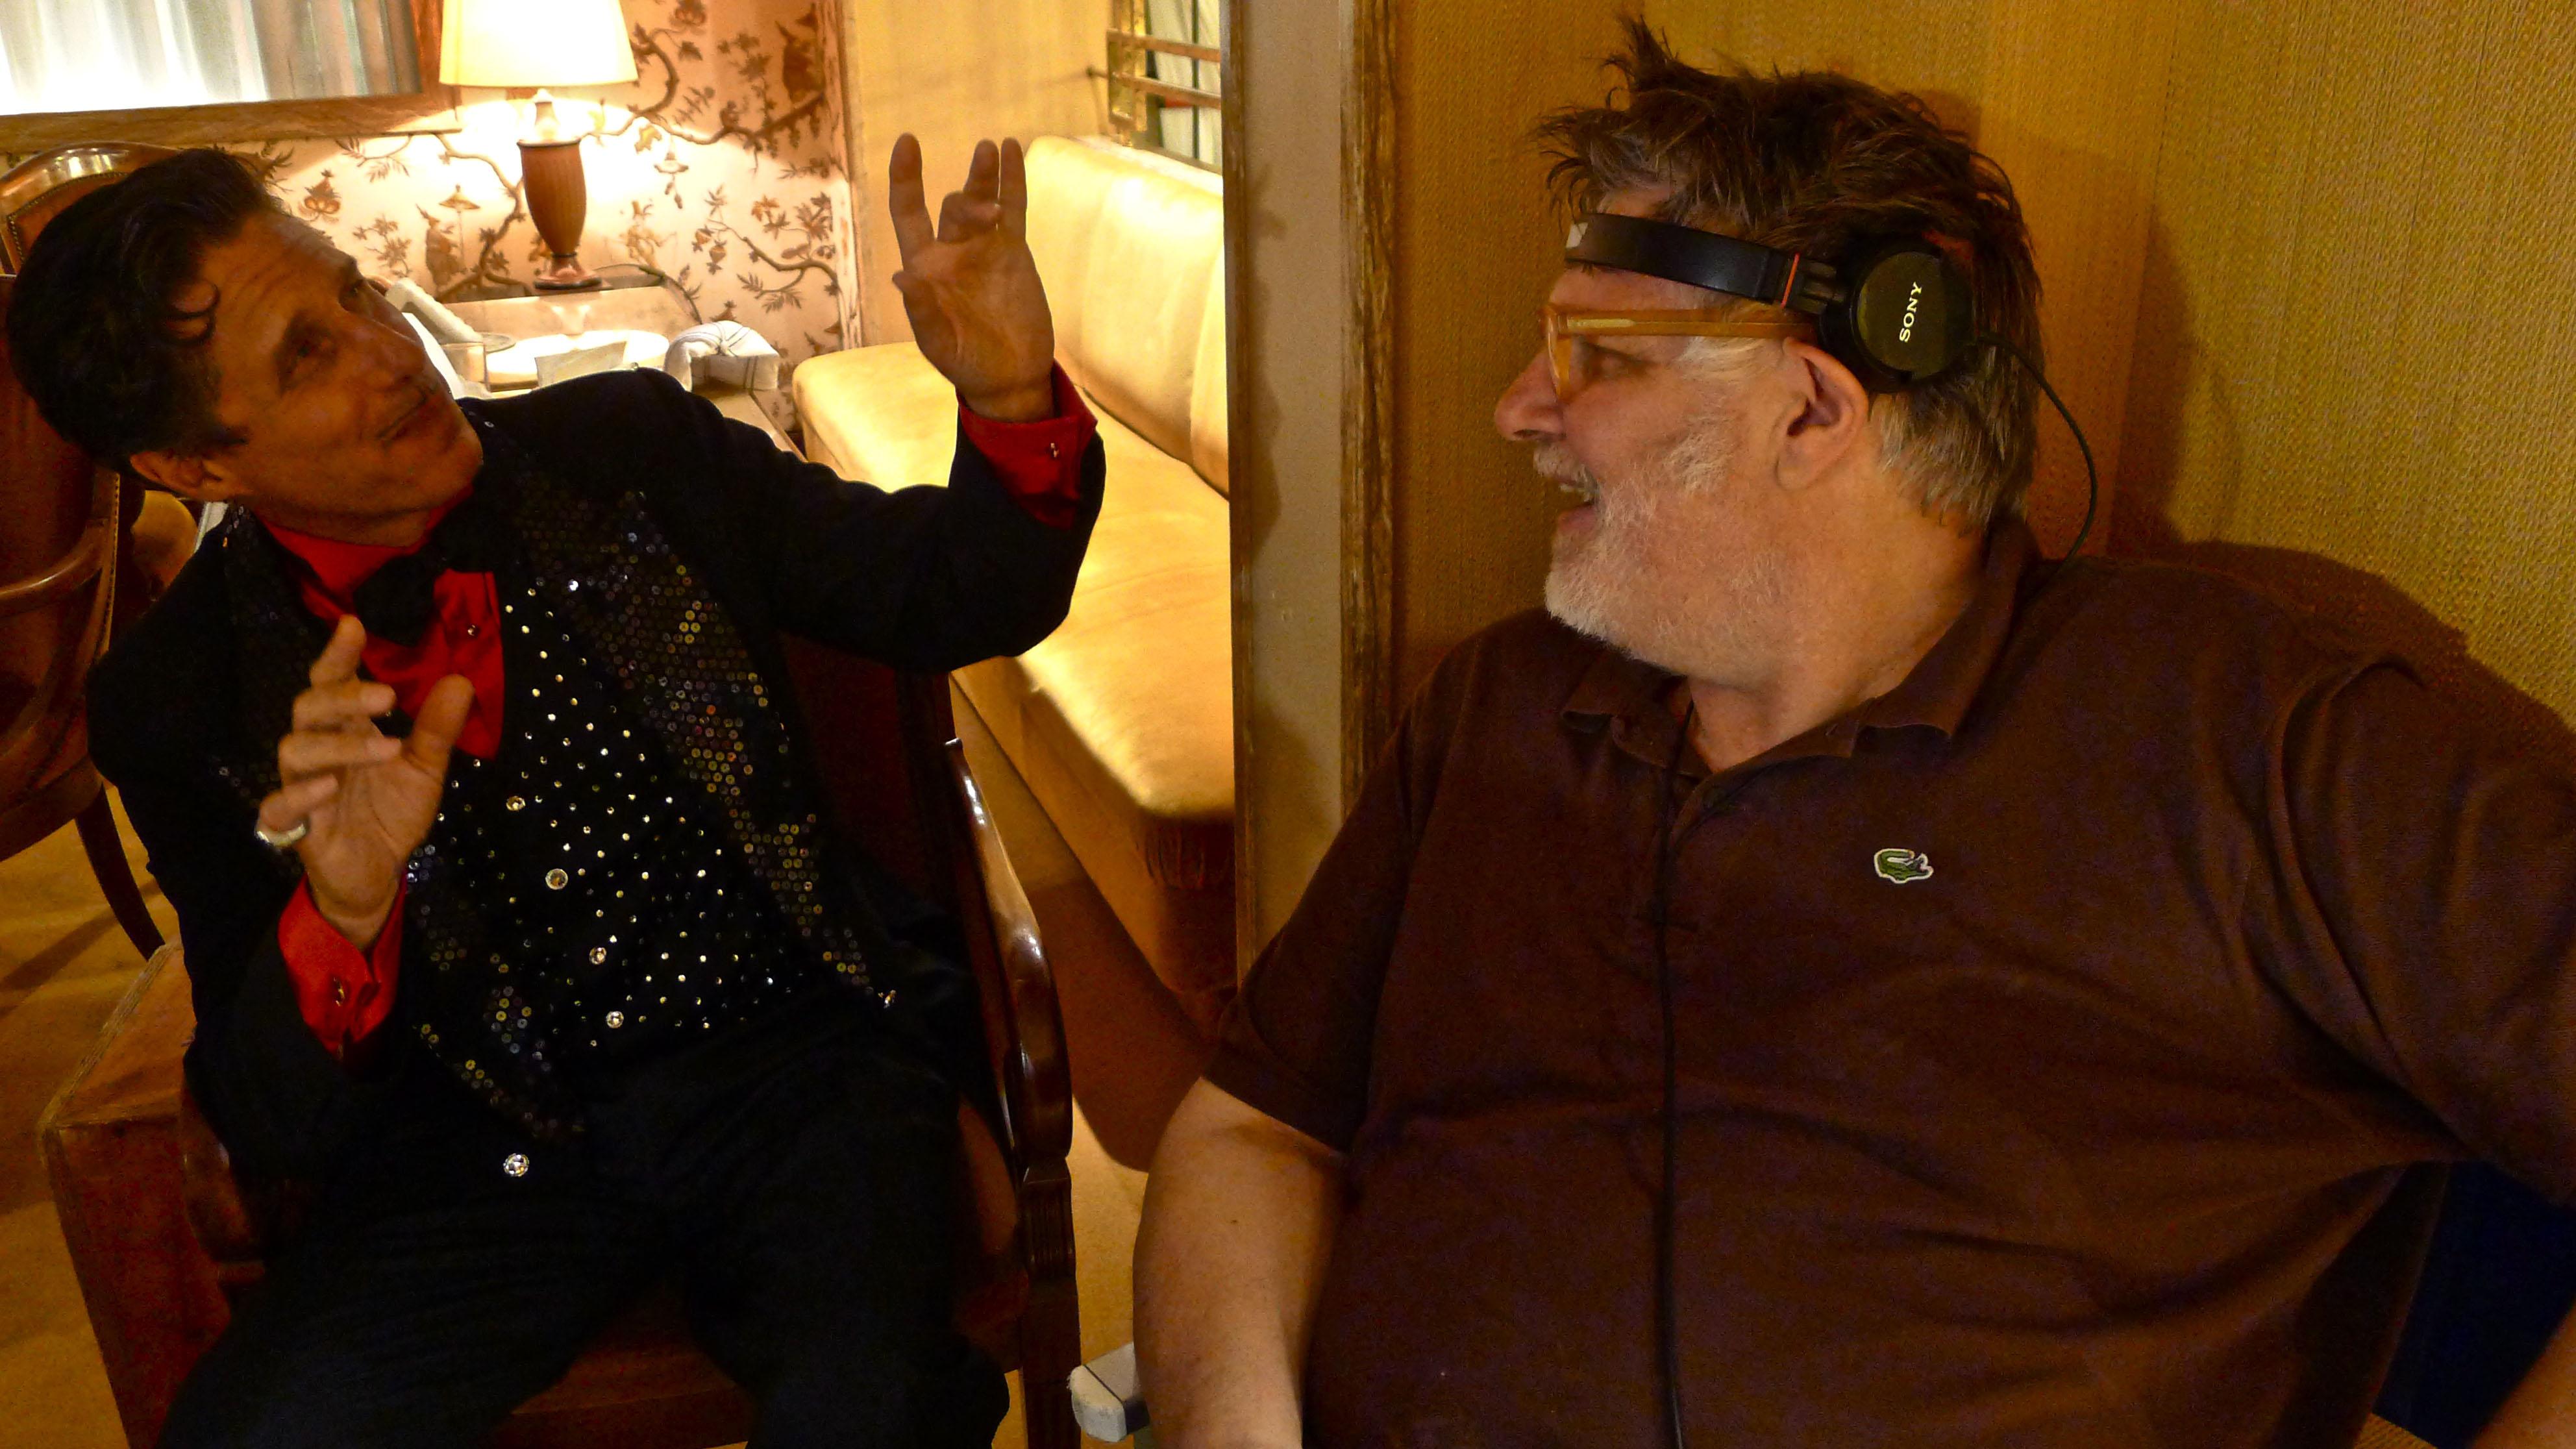 Raul Cremona in un momento allegro sul set con Mazzacurati (Foto Emilia Mazzacurati)